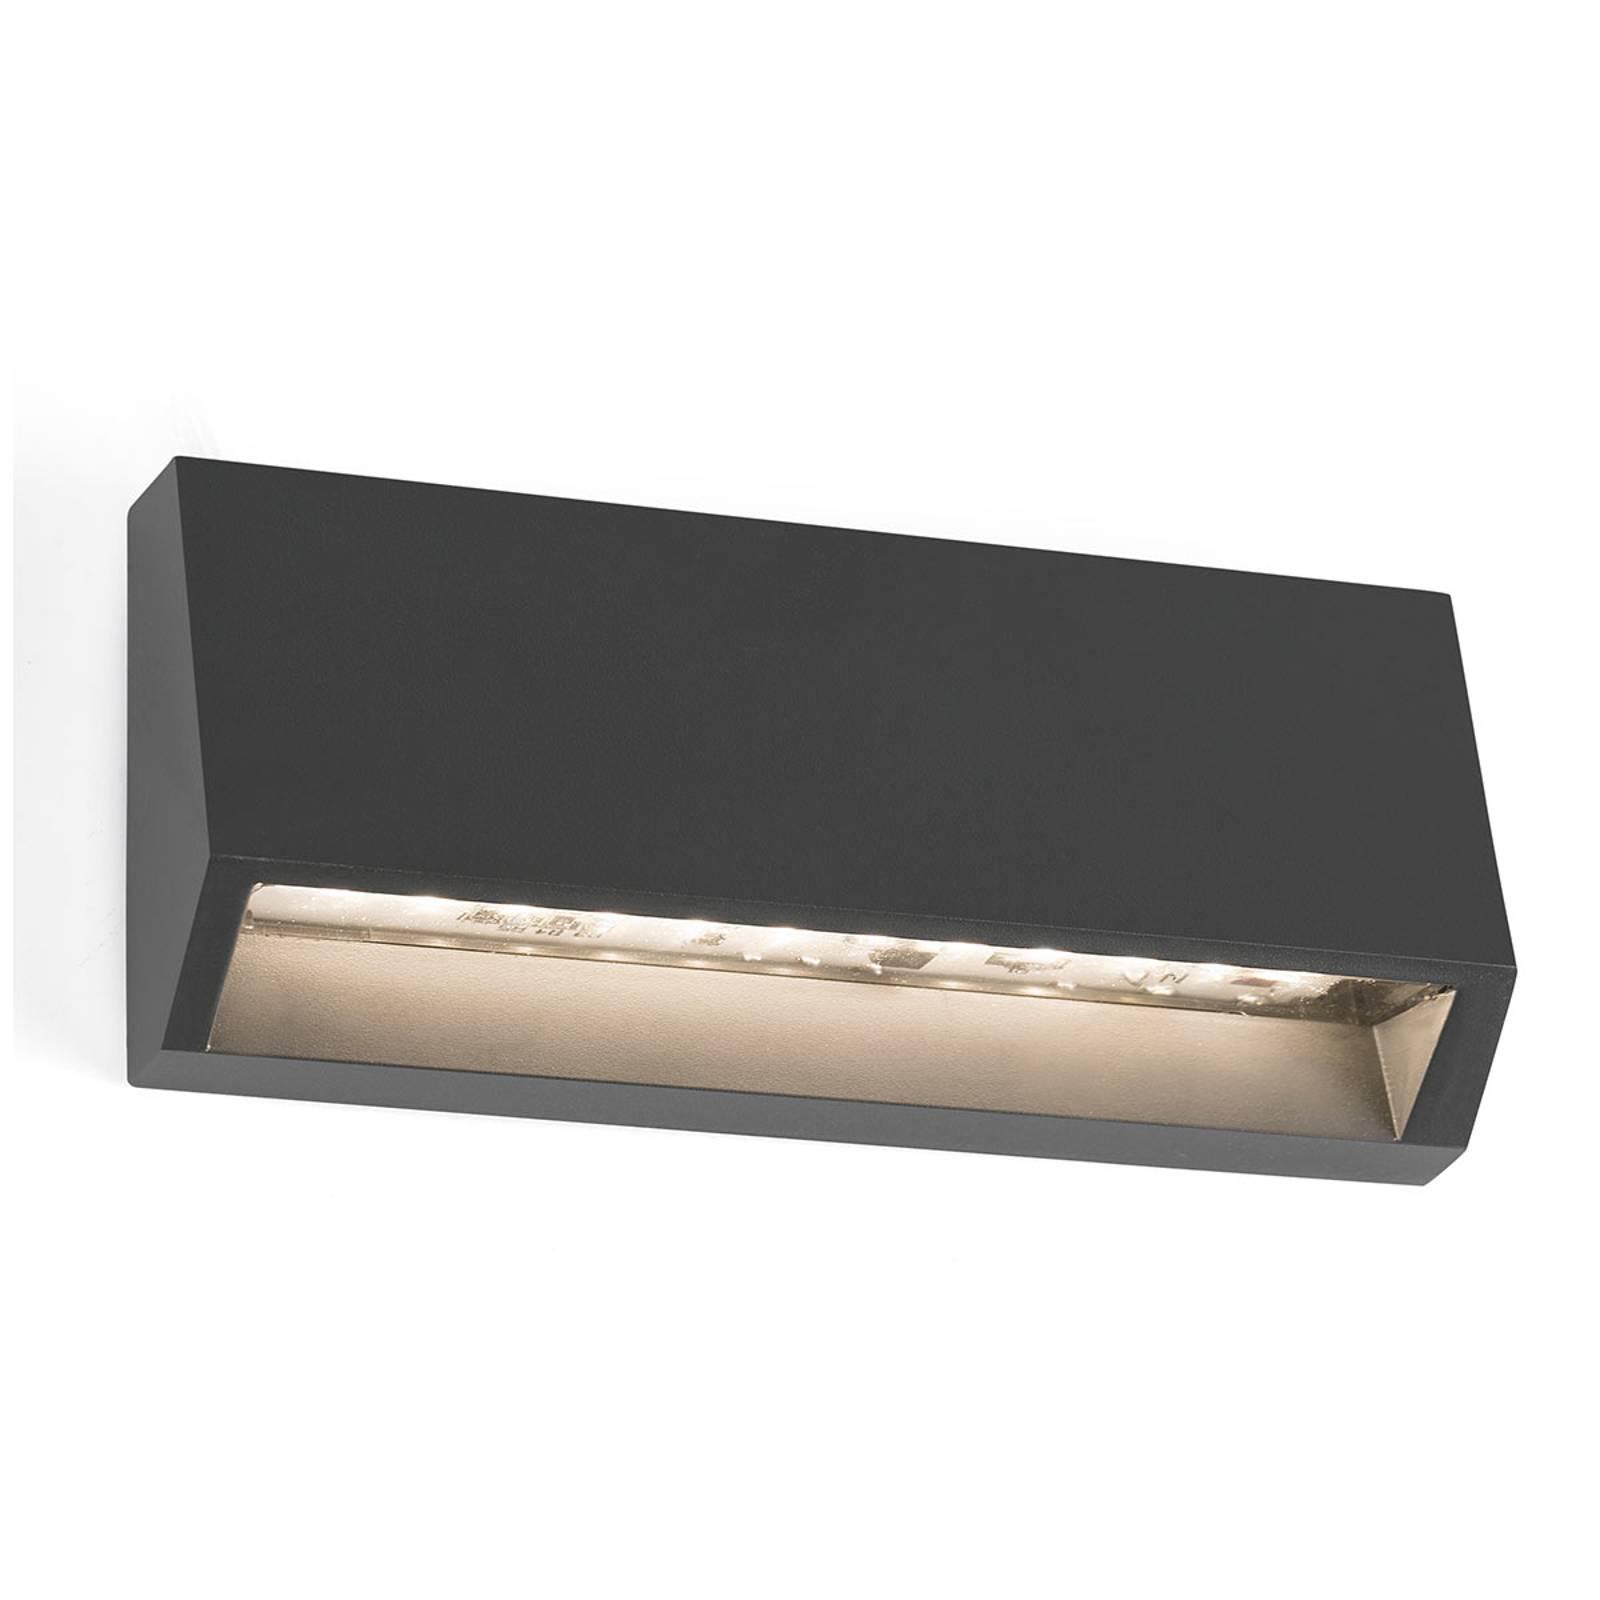 Hoekige LED buitenwandlamp Must - 15,8 cm